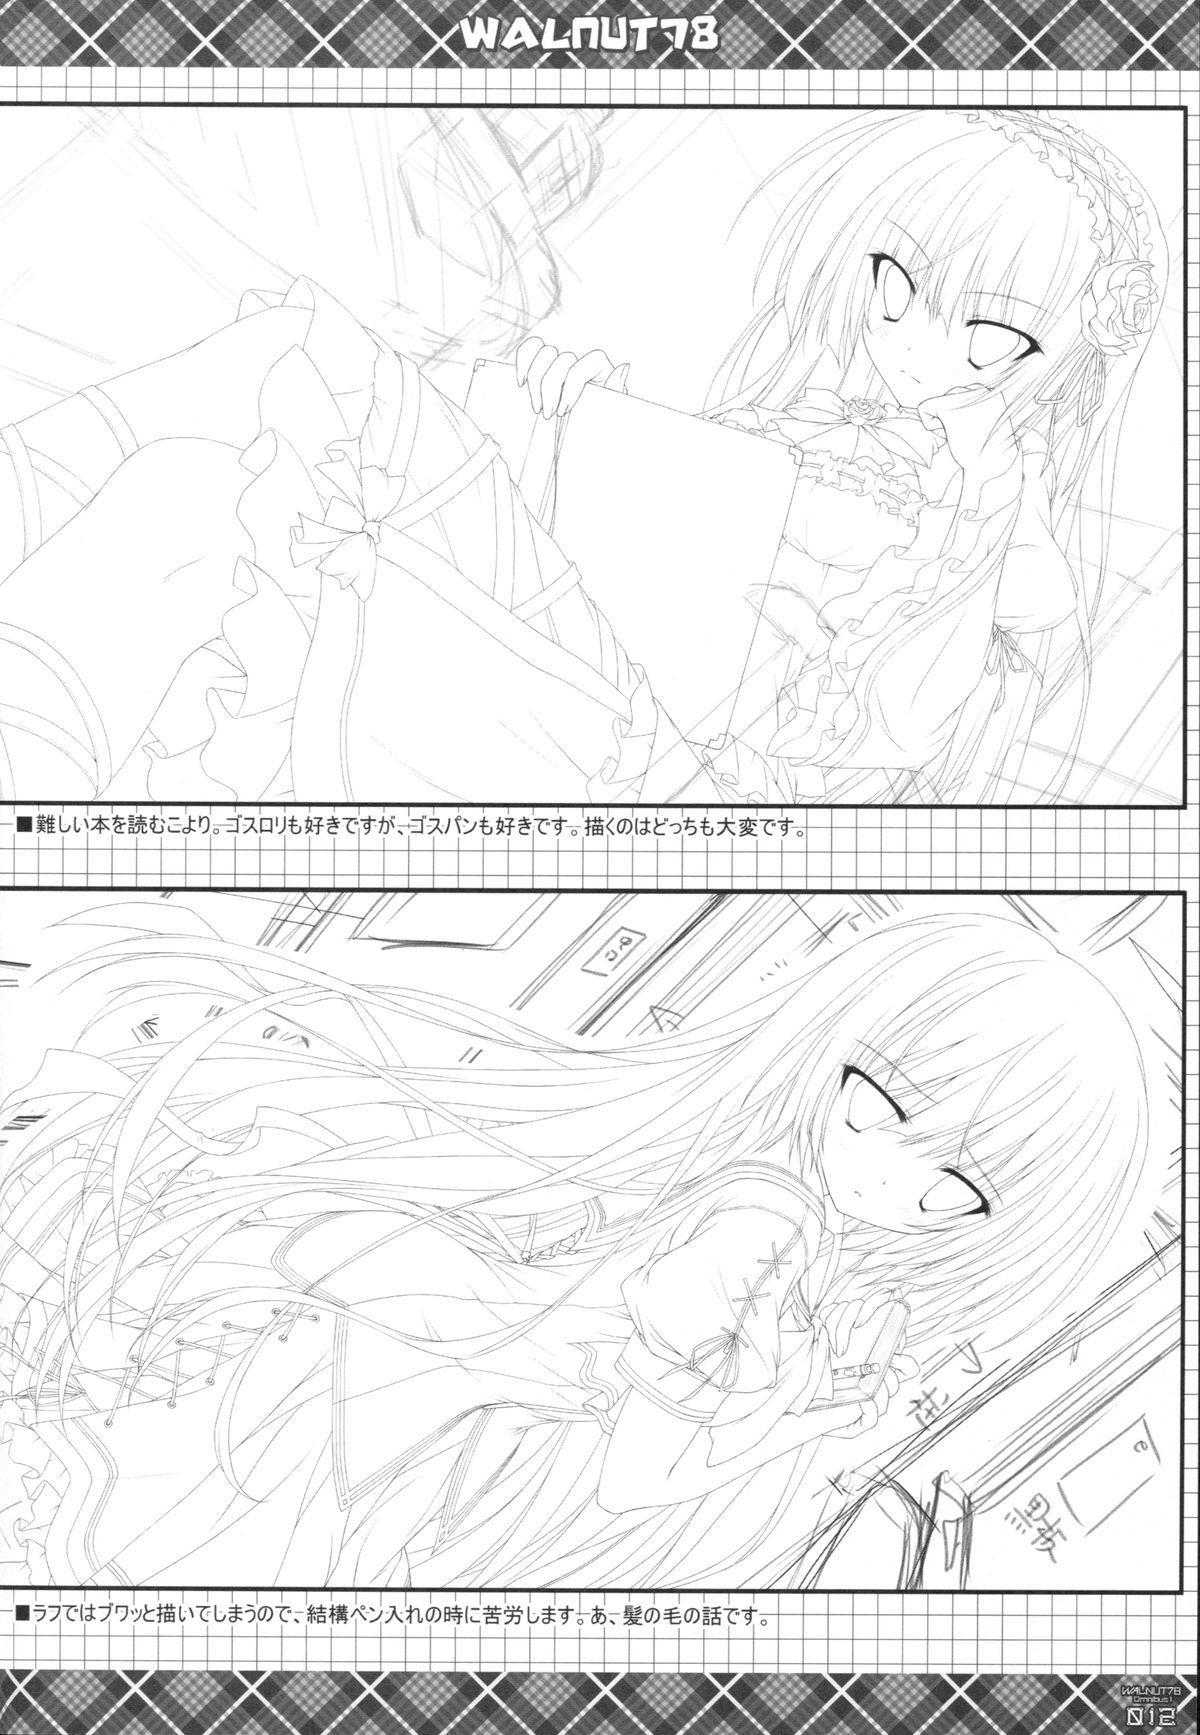 (C89) [Sui-en (Sui-en)] WALNUT78 Omnibus 1 -Suien-en Illustrations 2012-2014- (Various) 9